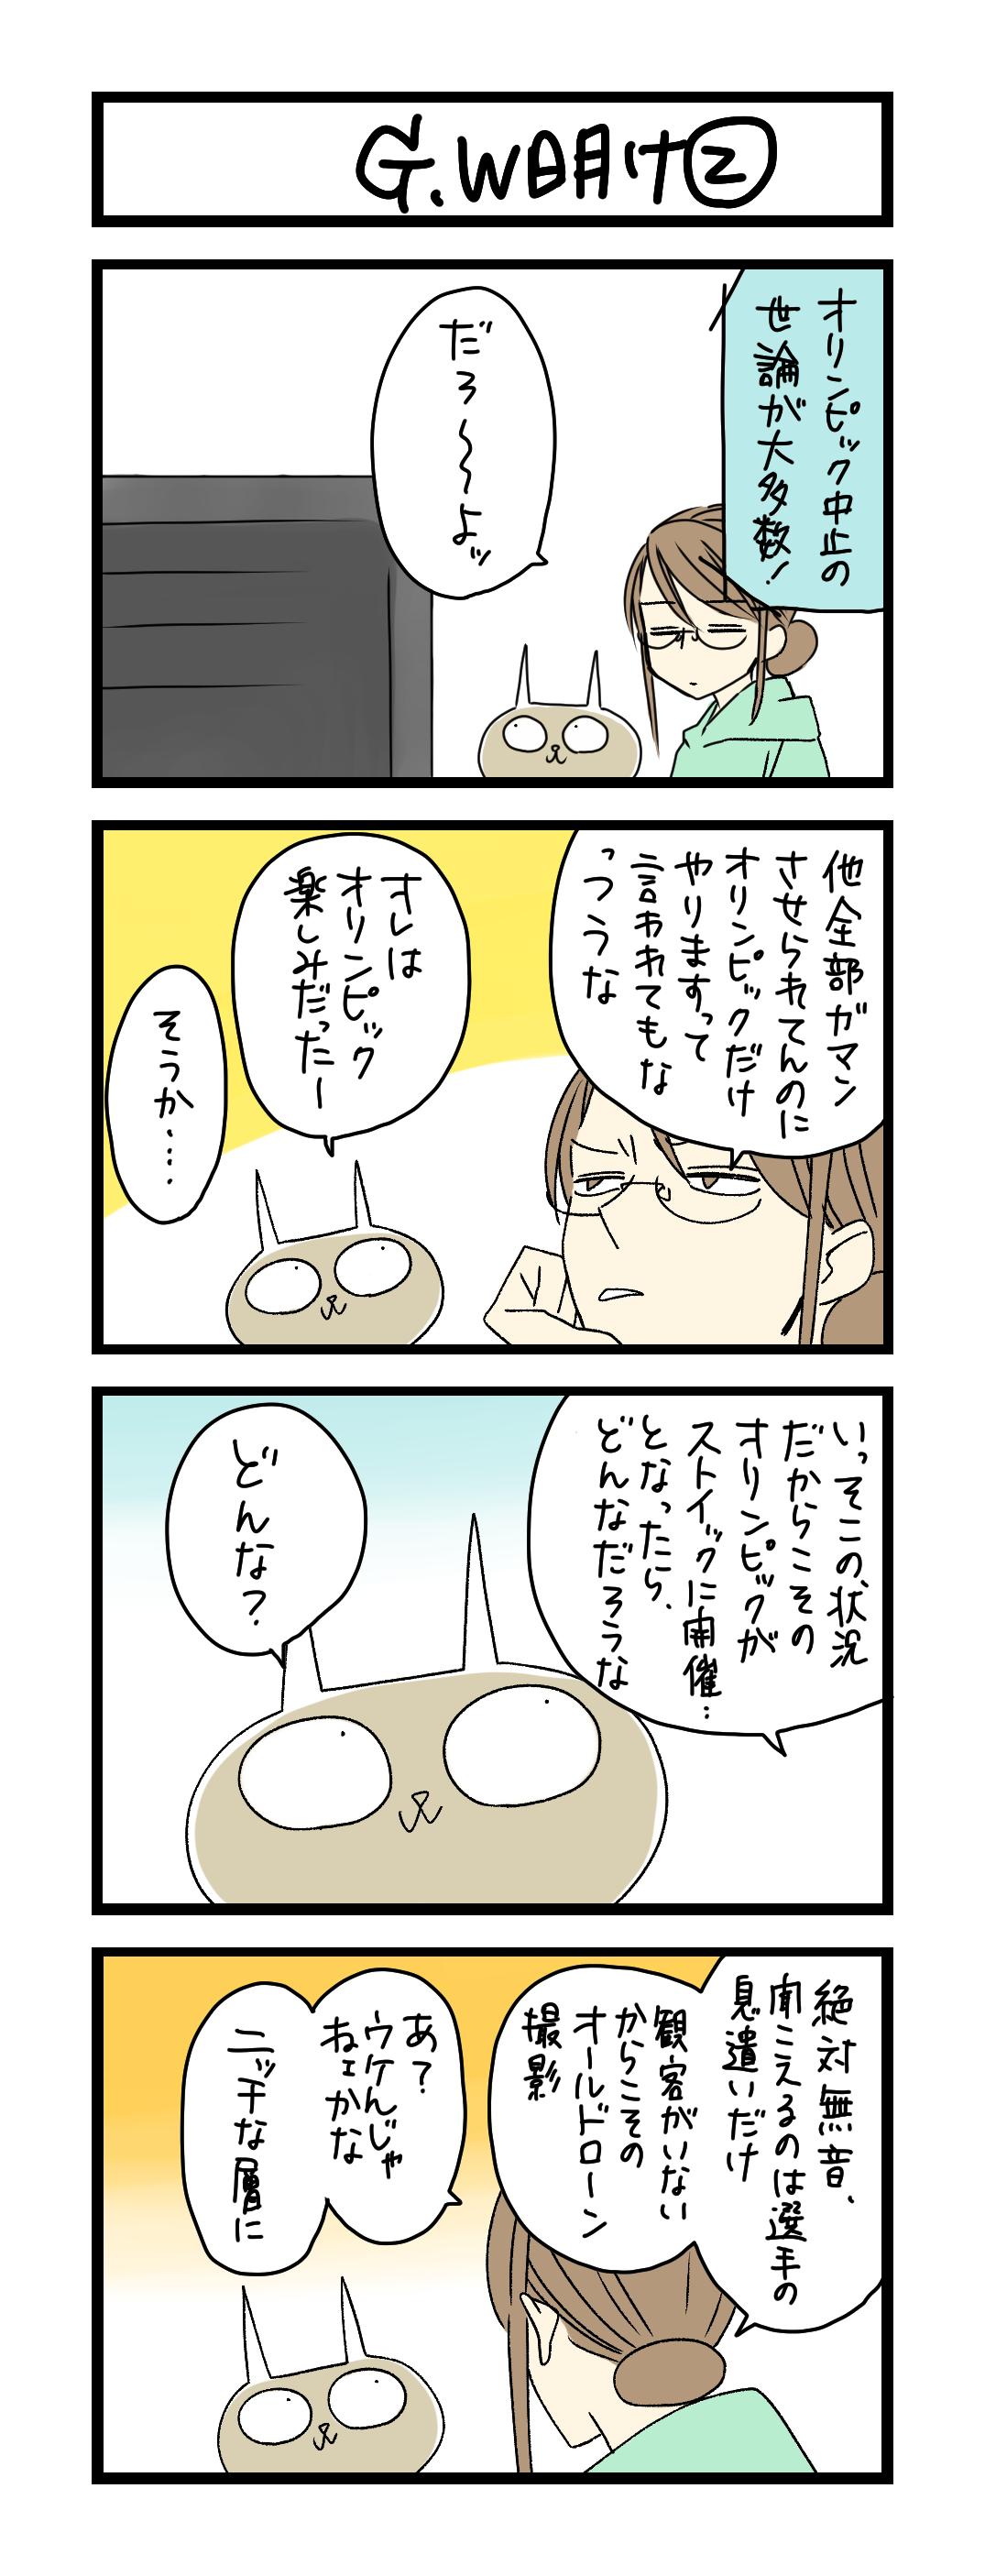 ゴールデンウィーク明け (2)